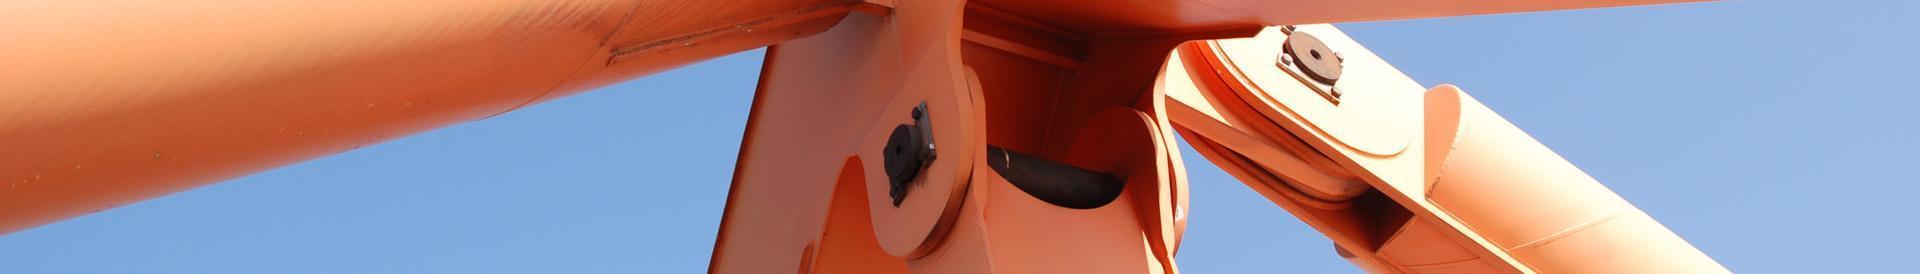 Pomarańczowy stalowy wspornik